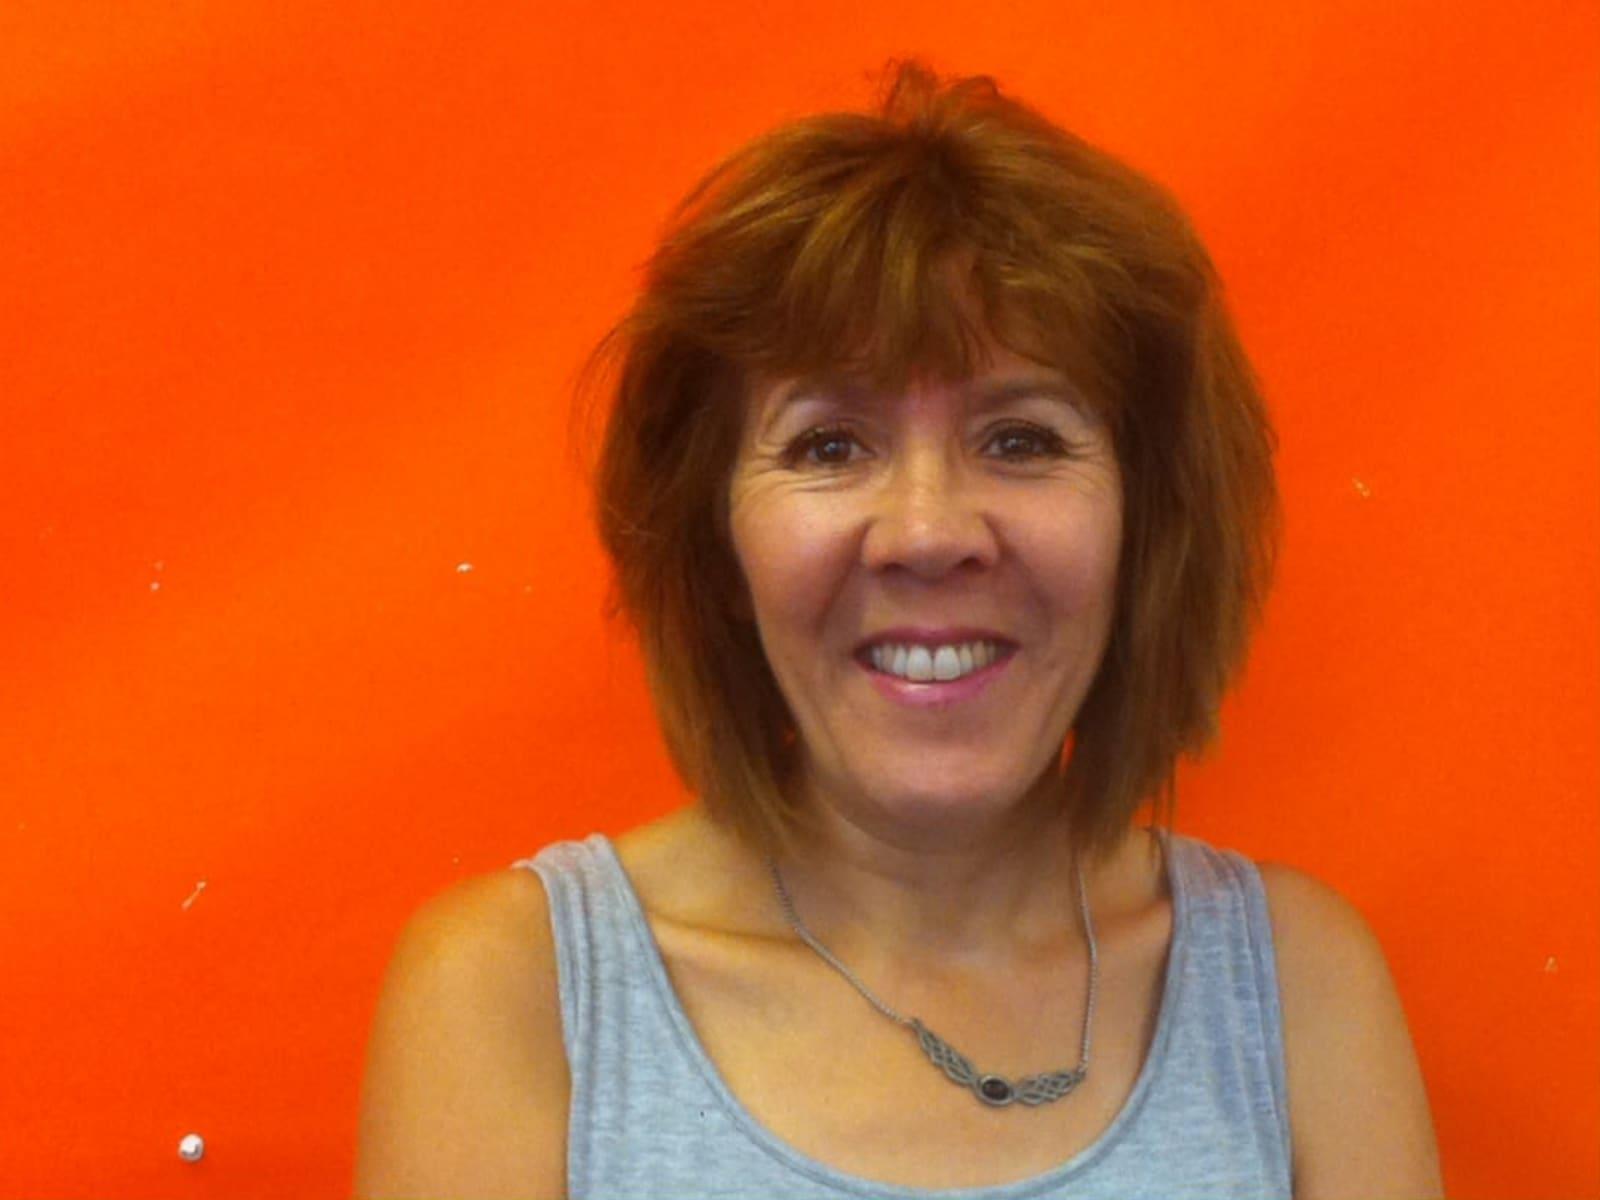 Christine from Tauranga, New Zealand